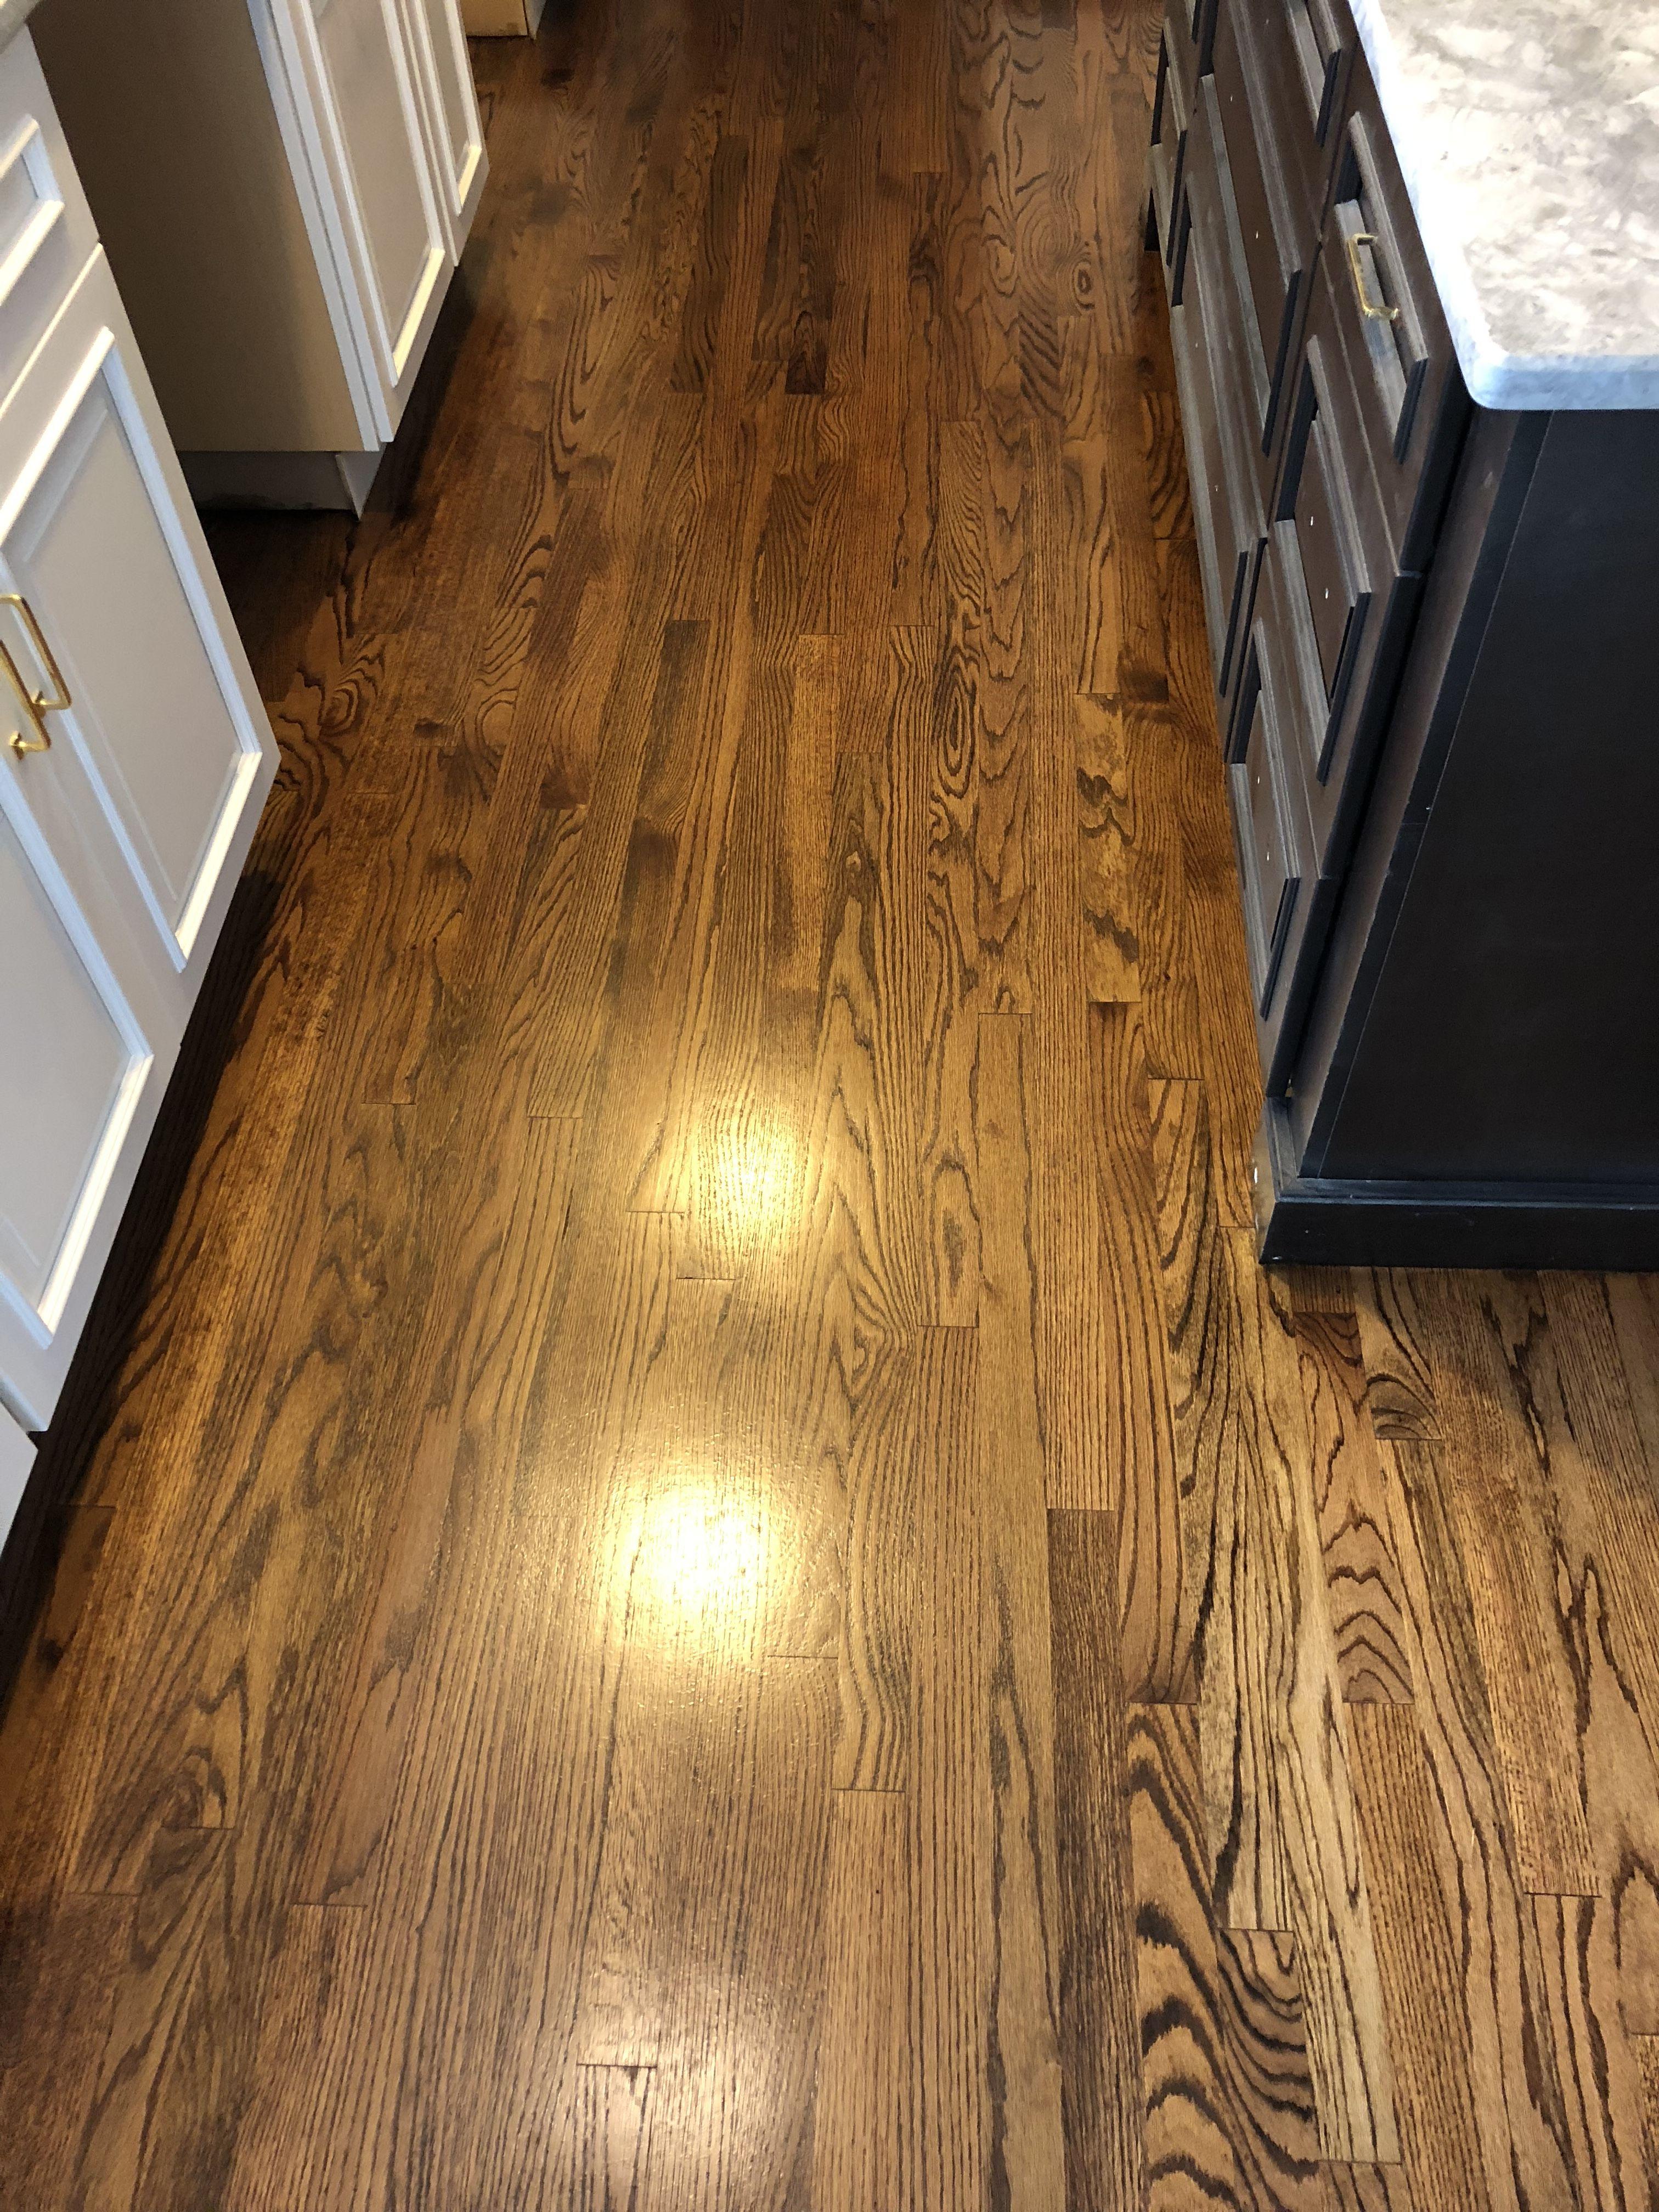 Provincial Floor Stain on White Oak Hardwood floor stain